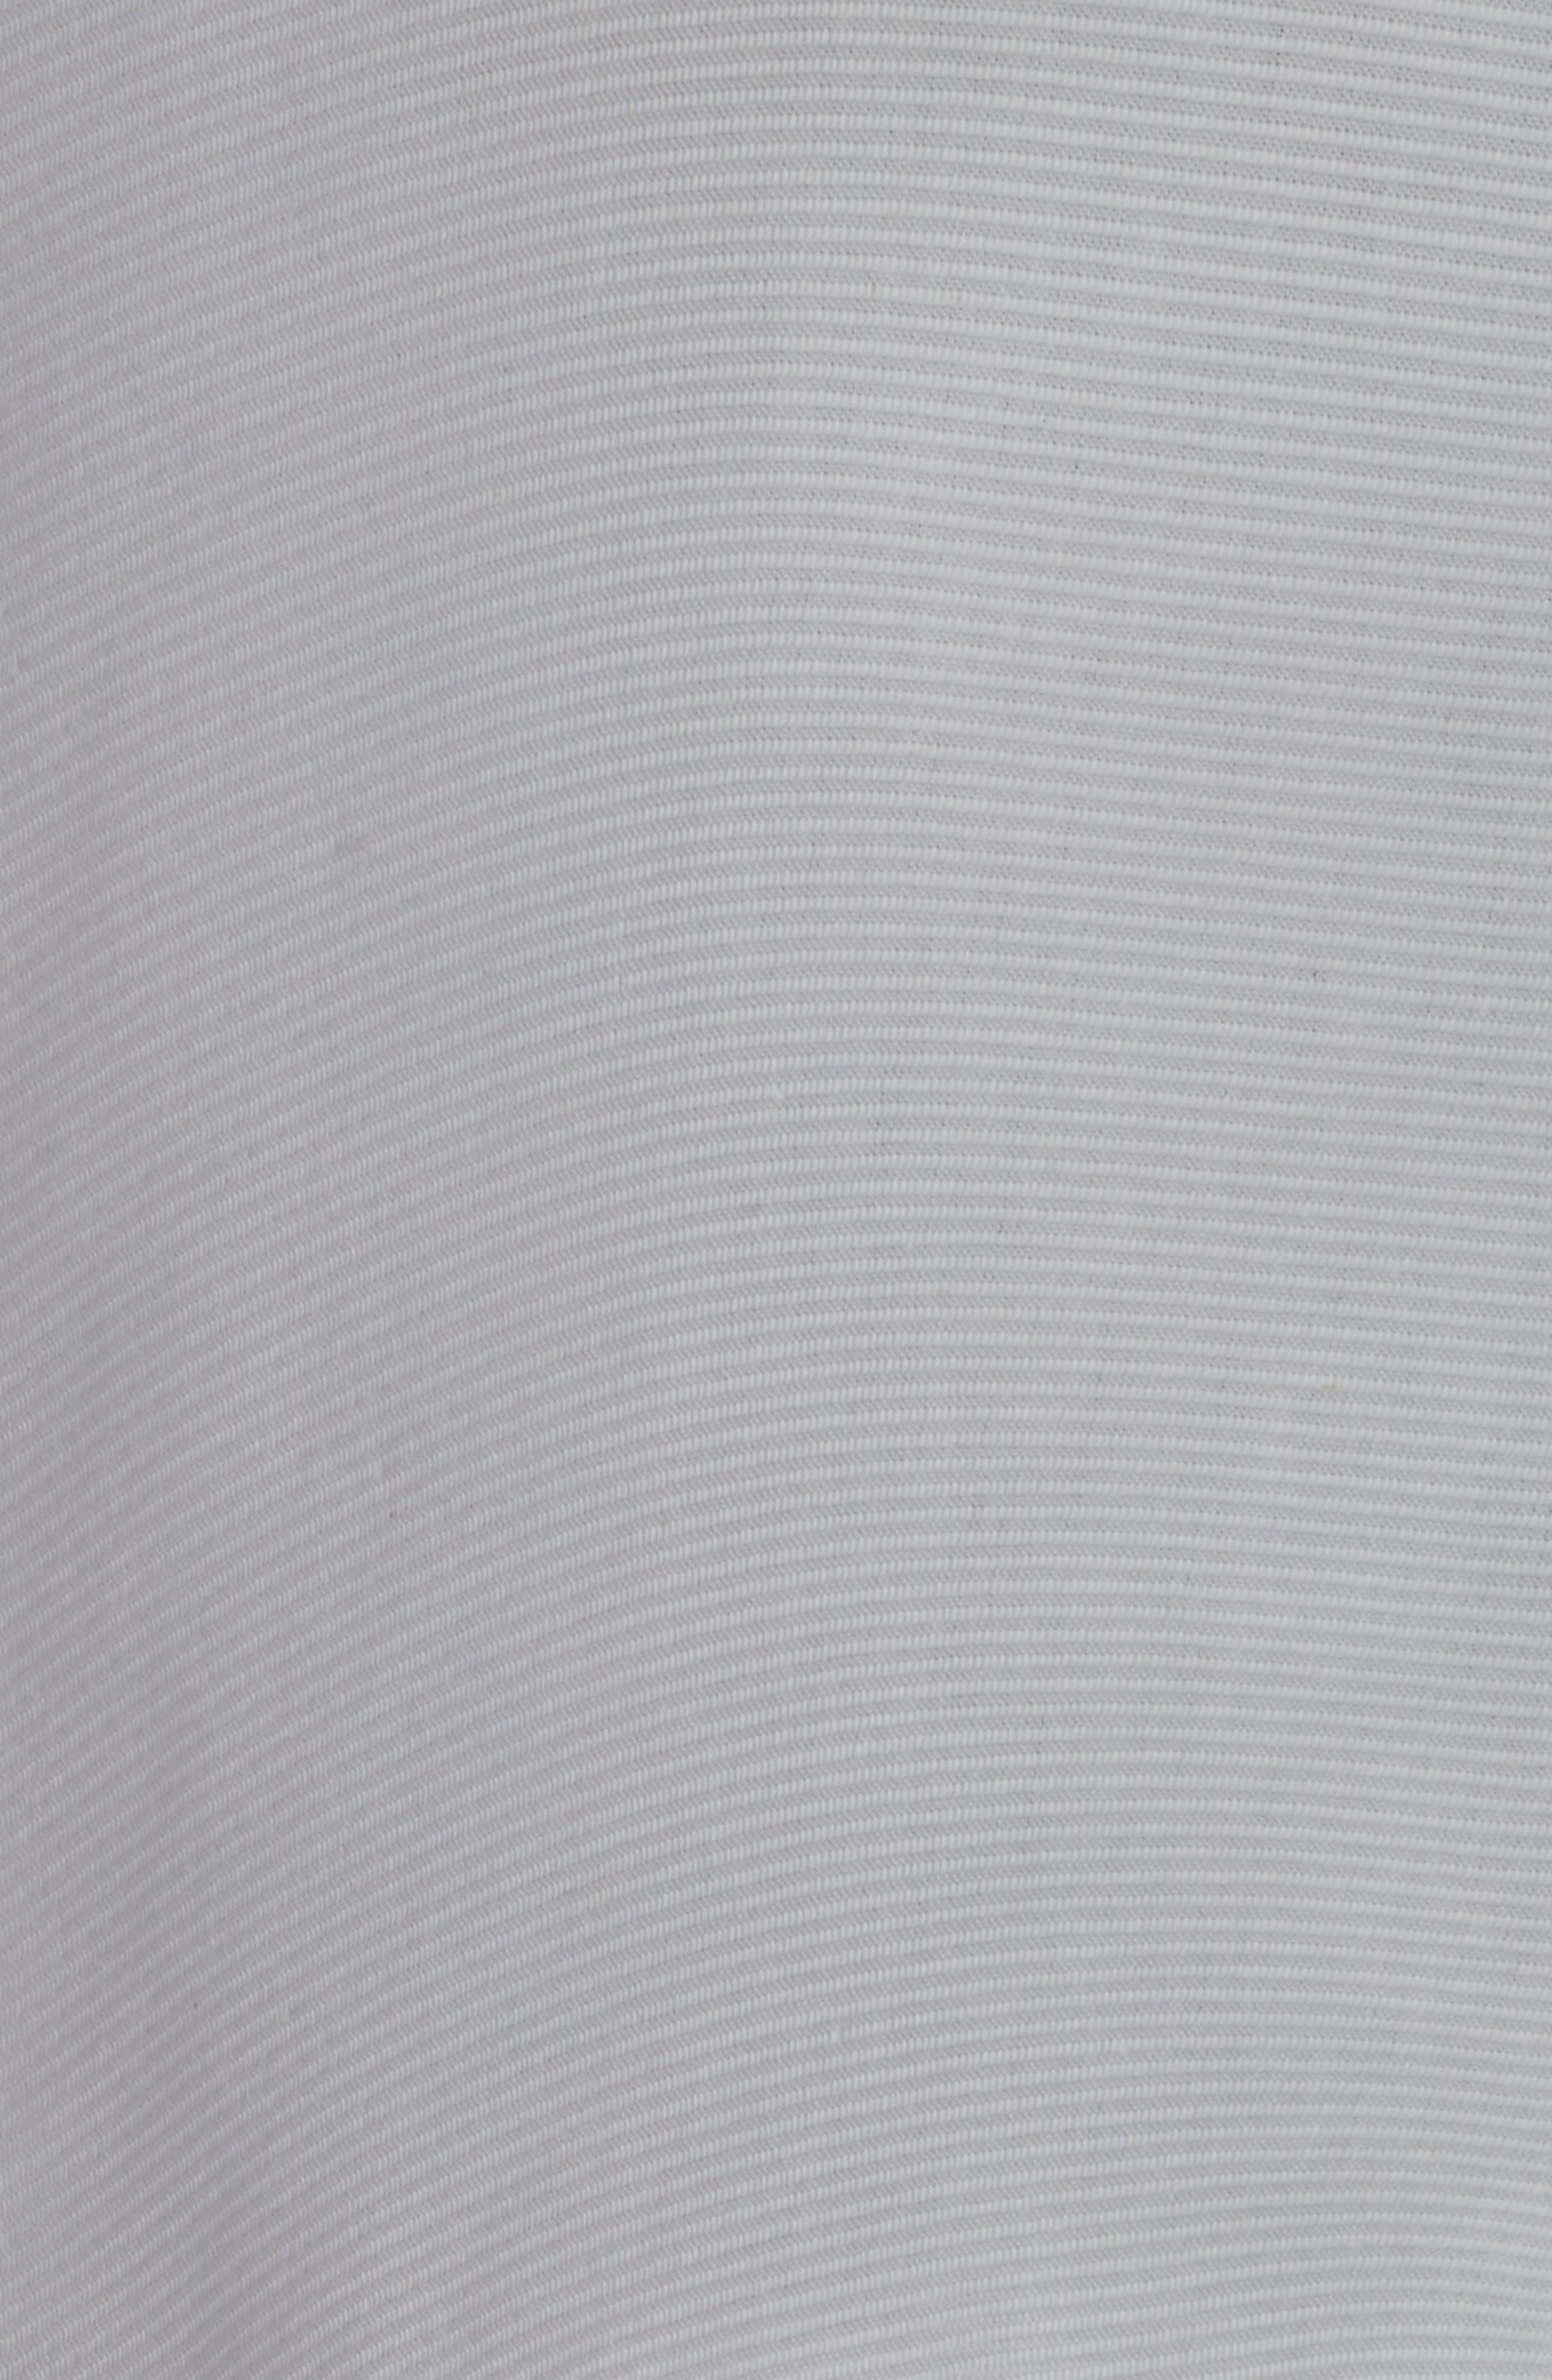 Woven Rib Bed Skirt,                             Alternate thumbnail 2, color,                             100